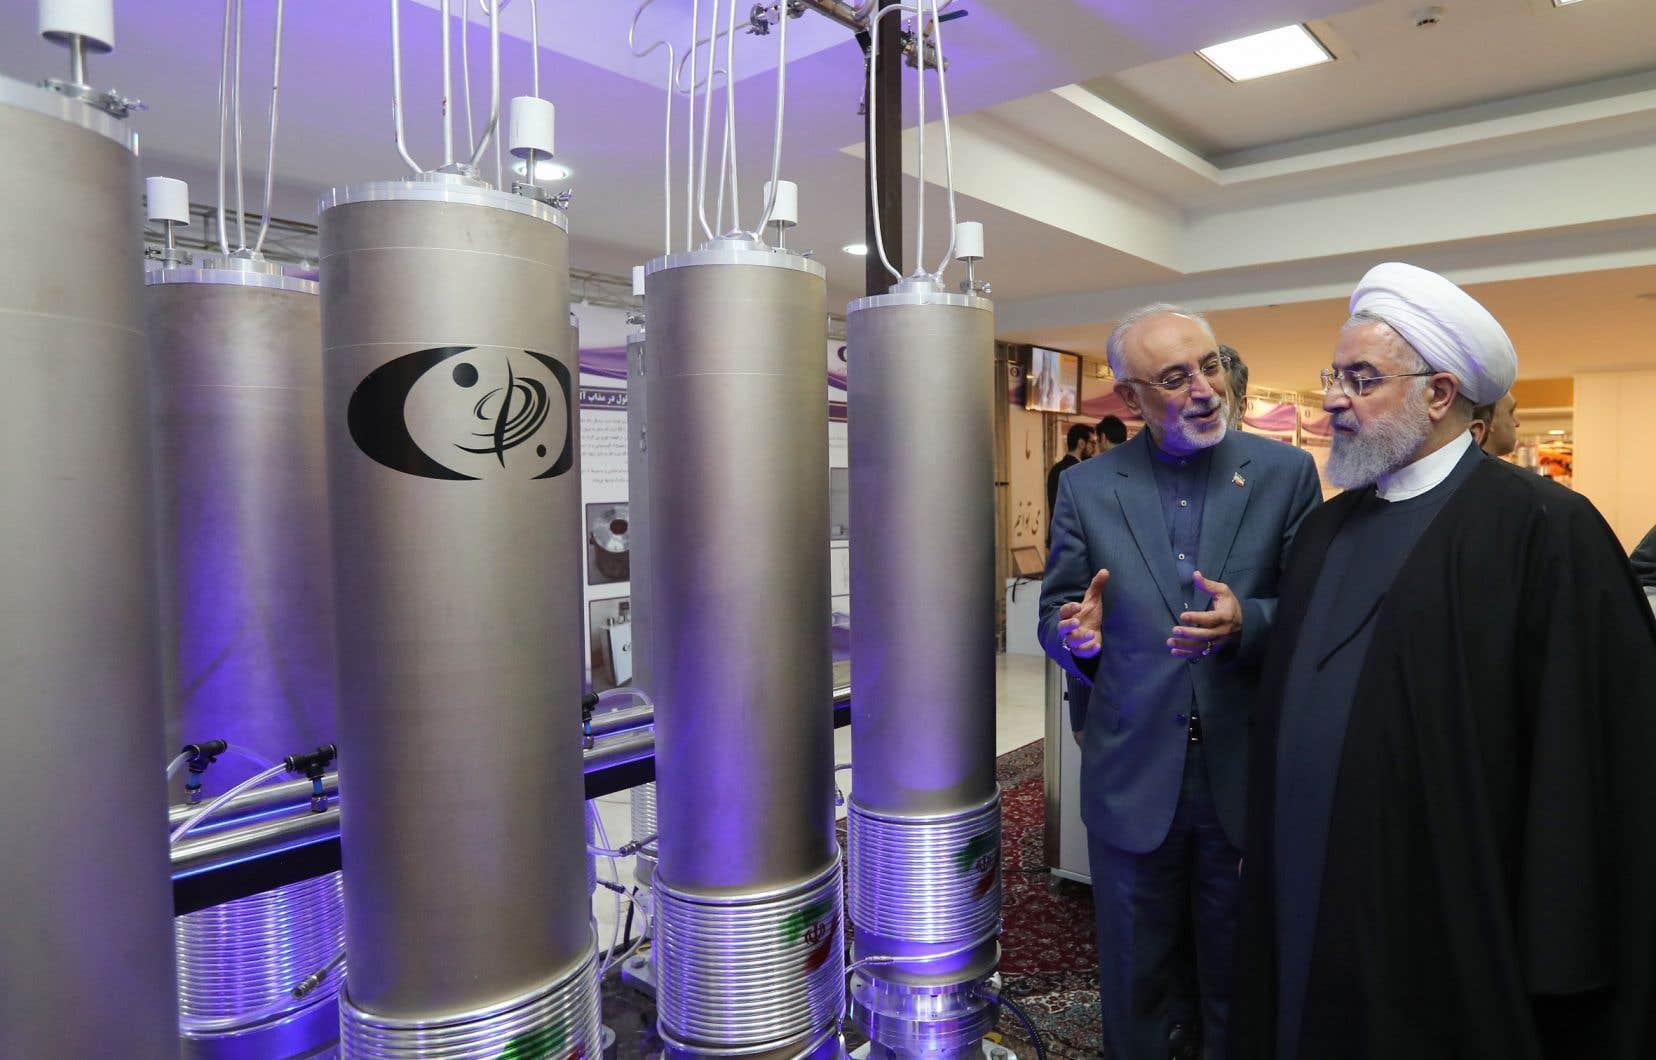 Le président iranien Hassan Rohani (à droite) écoute le chef de l'organisation de l'énergie atomique iranienne, Ali Akbar Salehi, parler de technologie nucléaire.